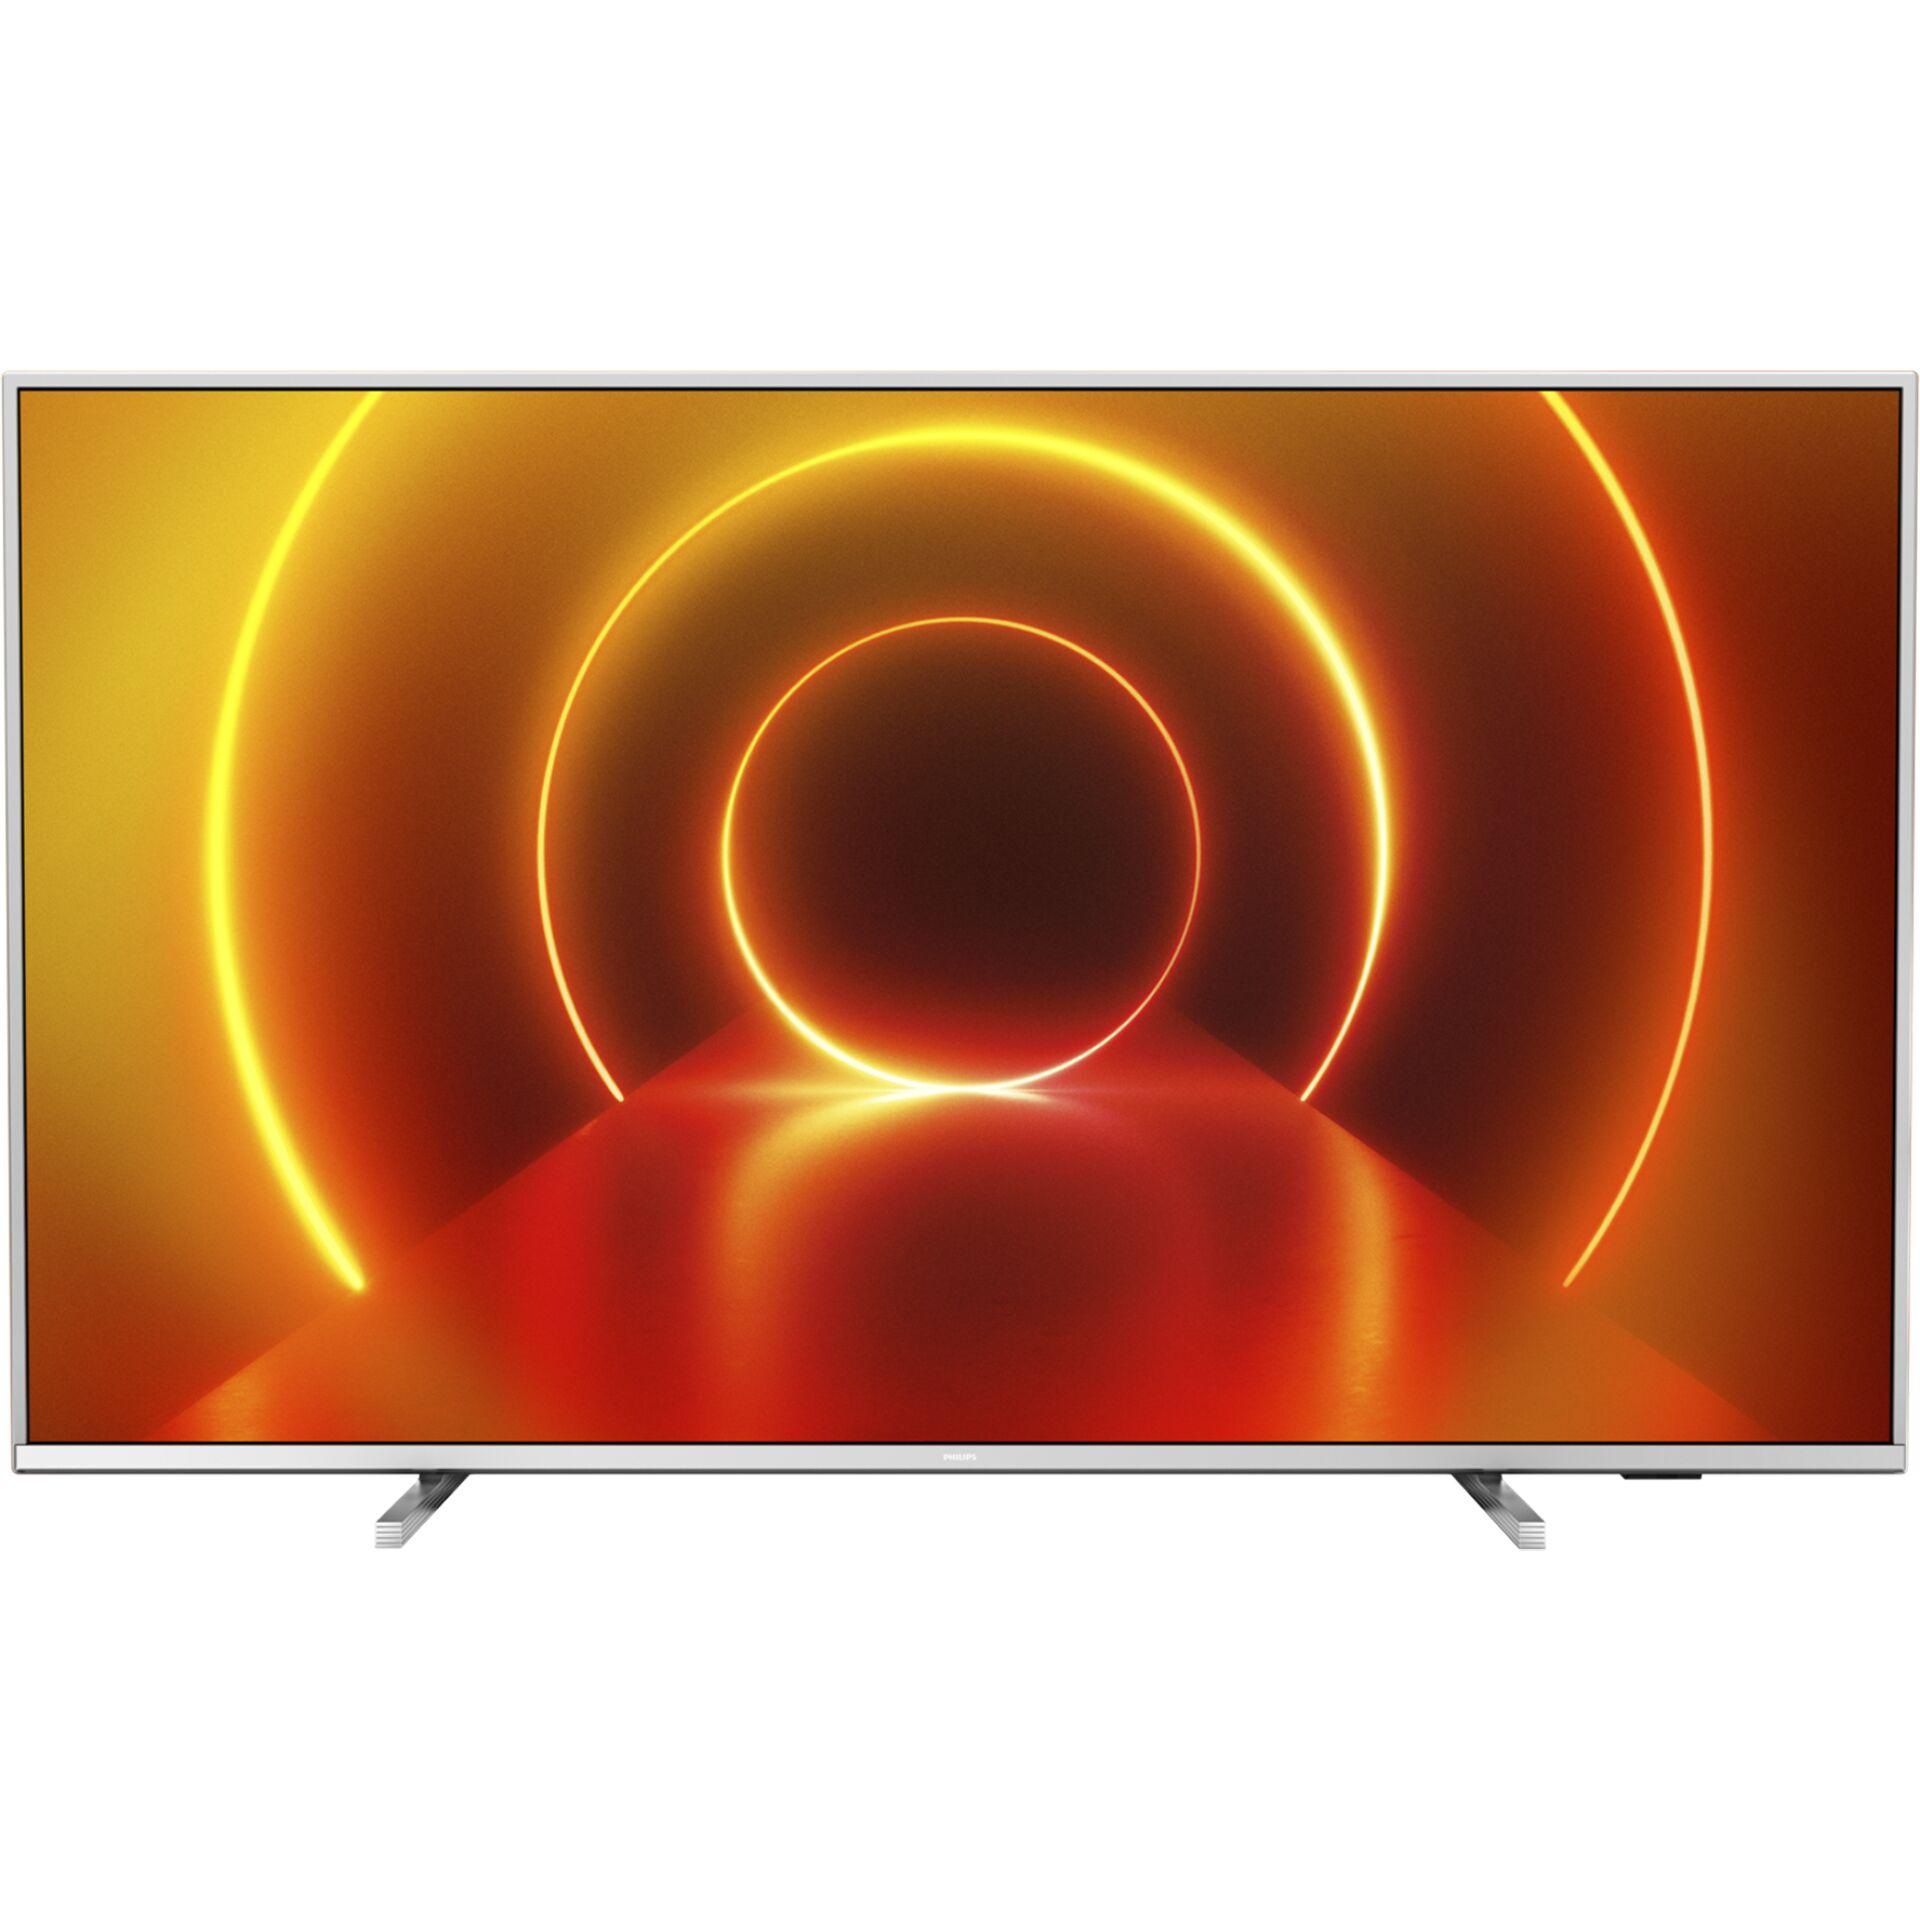 Toller Philips Fernseher 65PUS7855/12 für günstiges Geld (Verpackung beschädigt)